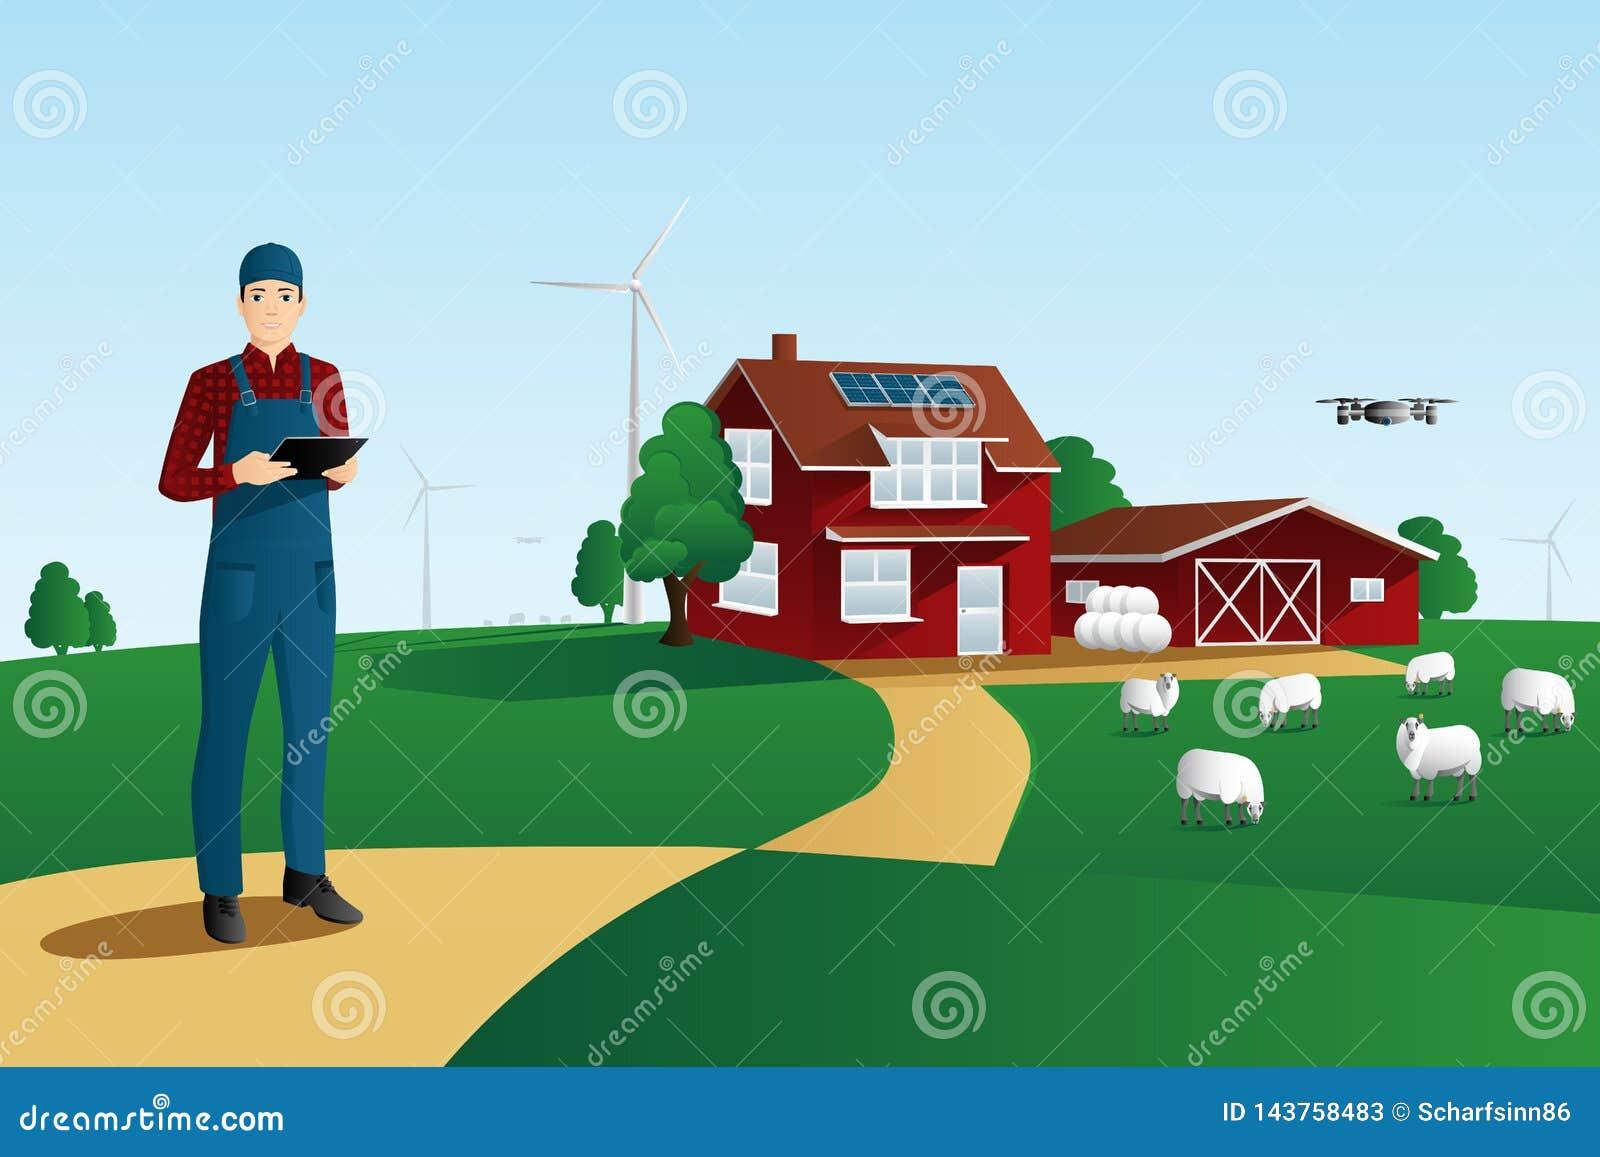 Σύγχρονος αγρότης σε ένα έξυπνο αγρόκτημα